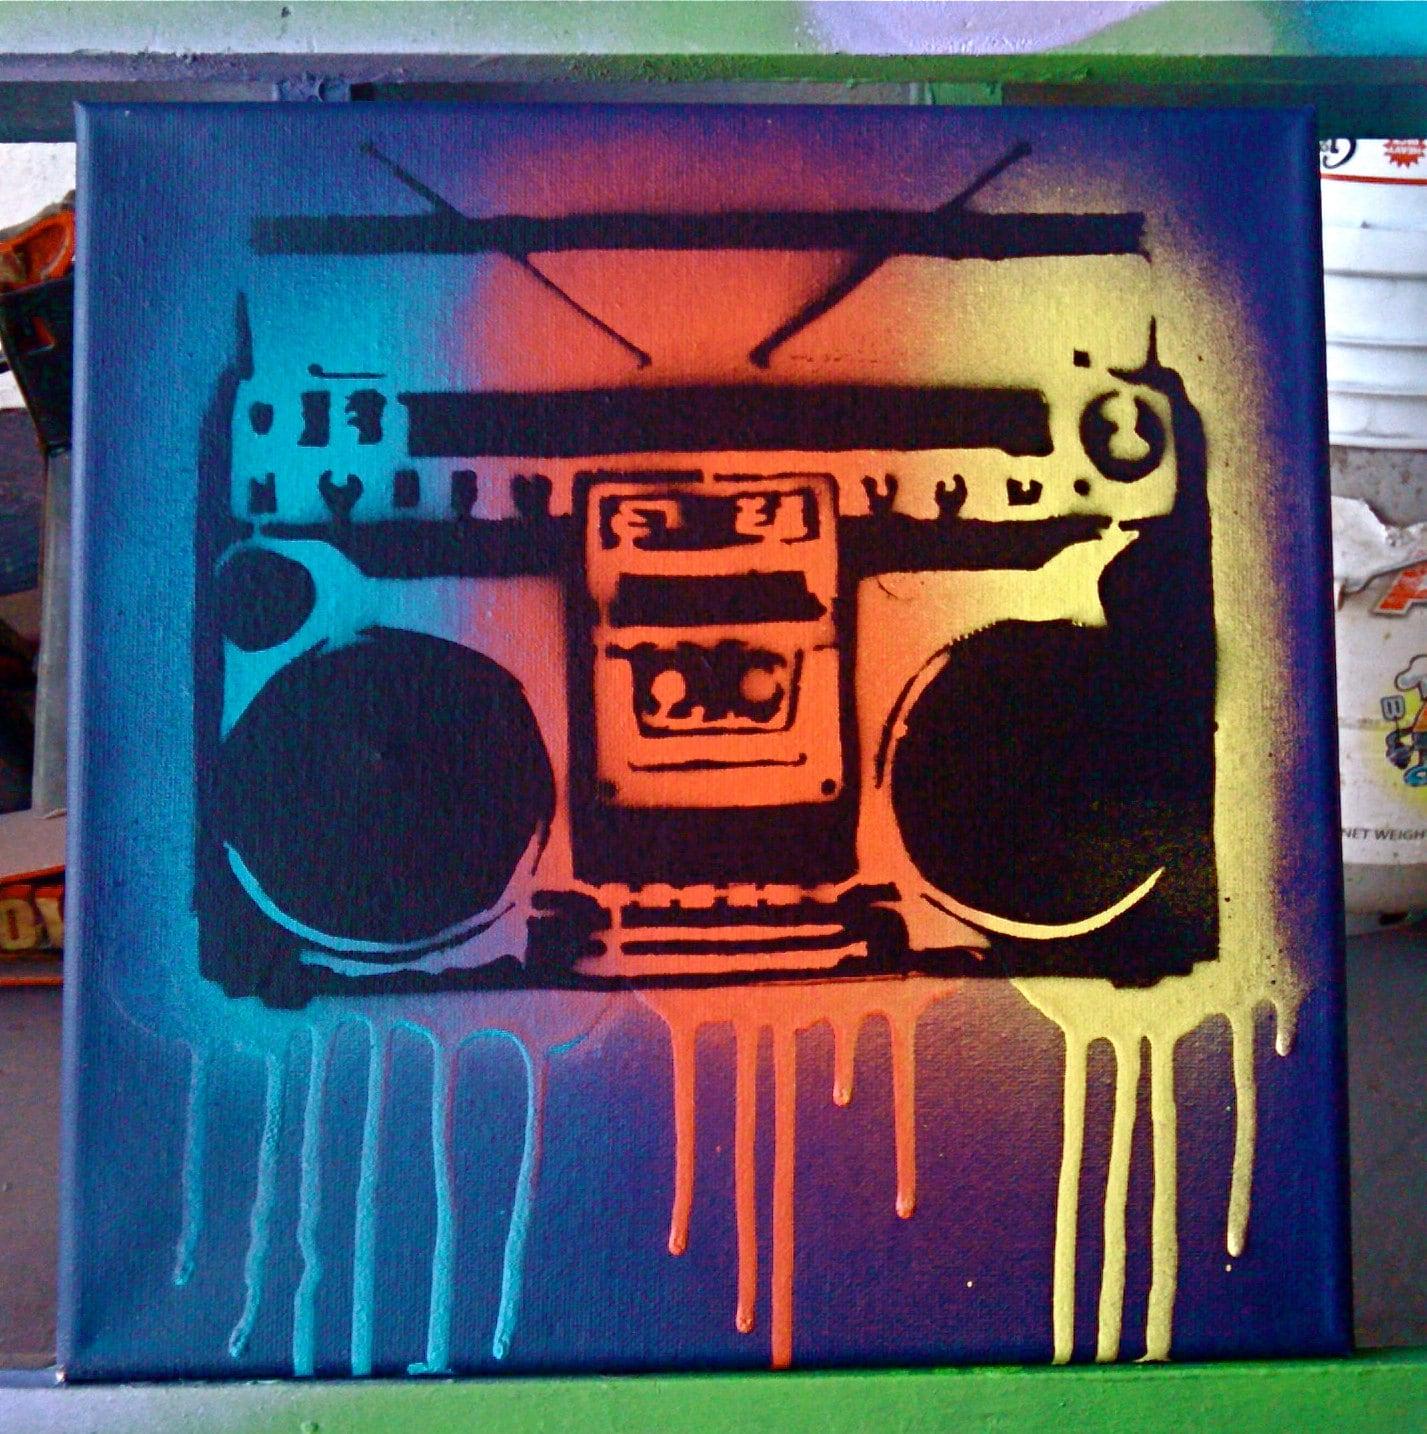 Boombox Pop Art Popular items for sten...